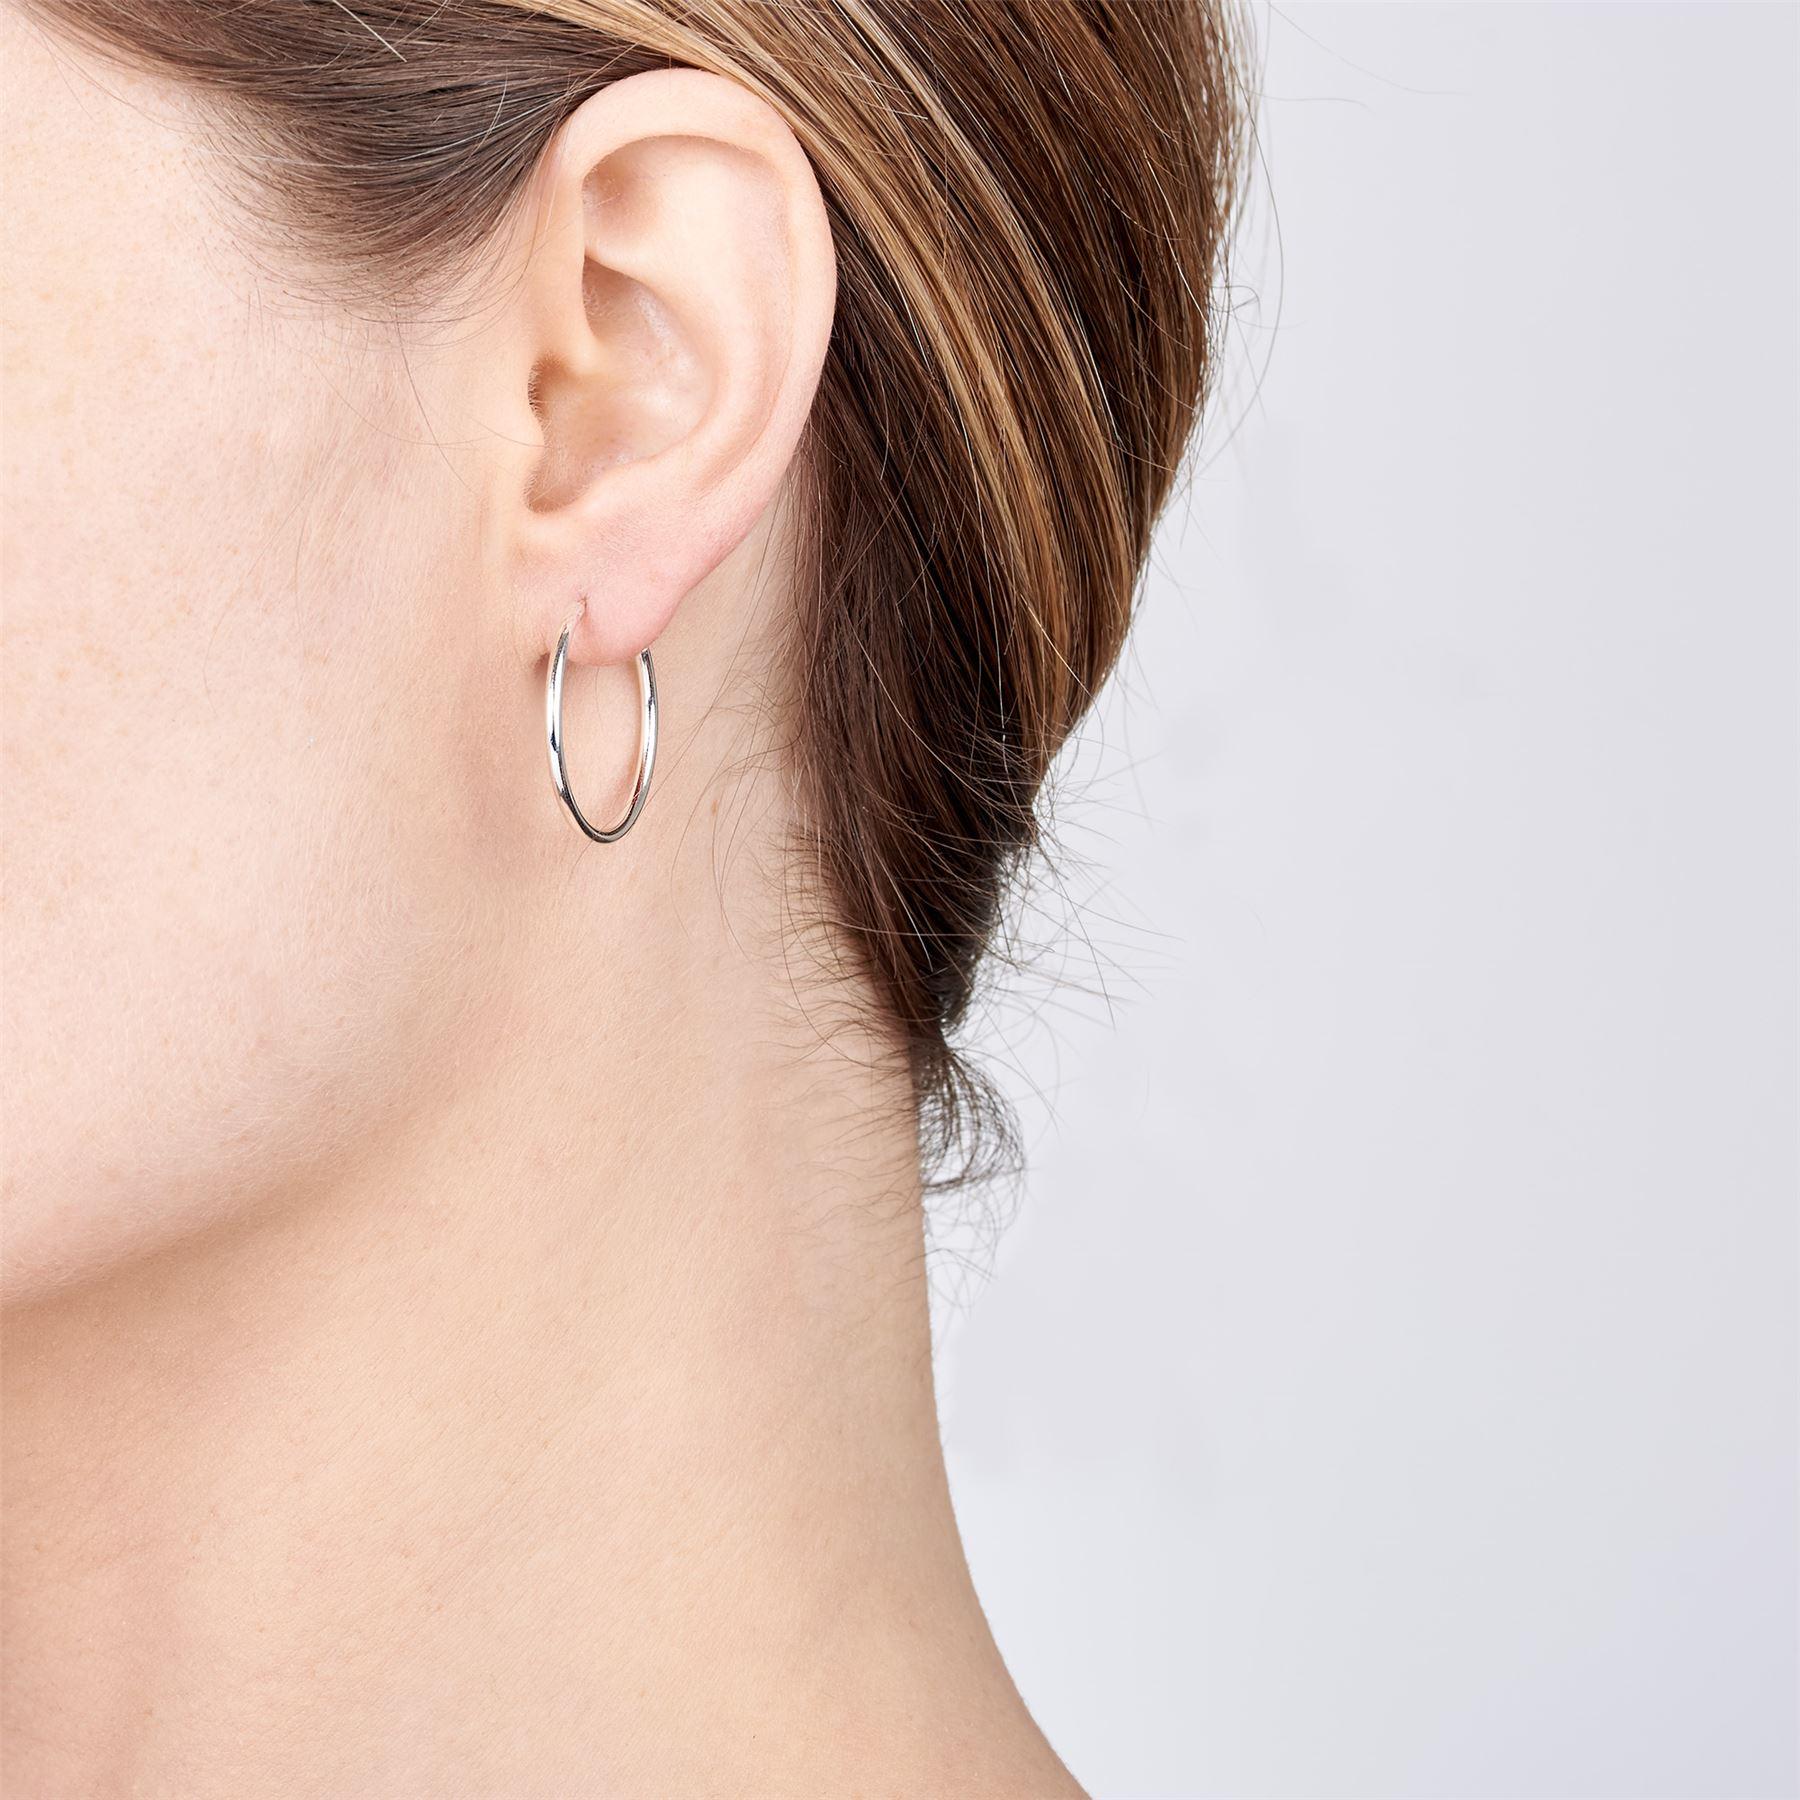 Amberta-Pendientes-para-Mujer-Aros-en-Plata-De-Ley-925-Autentica-Estilo-Clasico miniatura 20